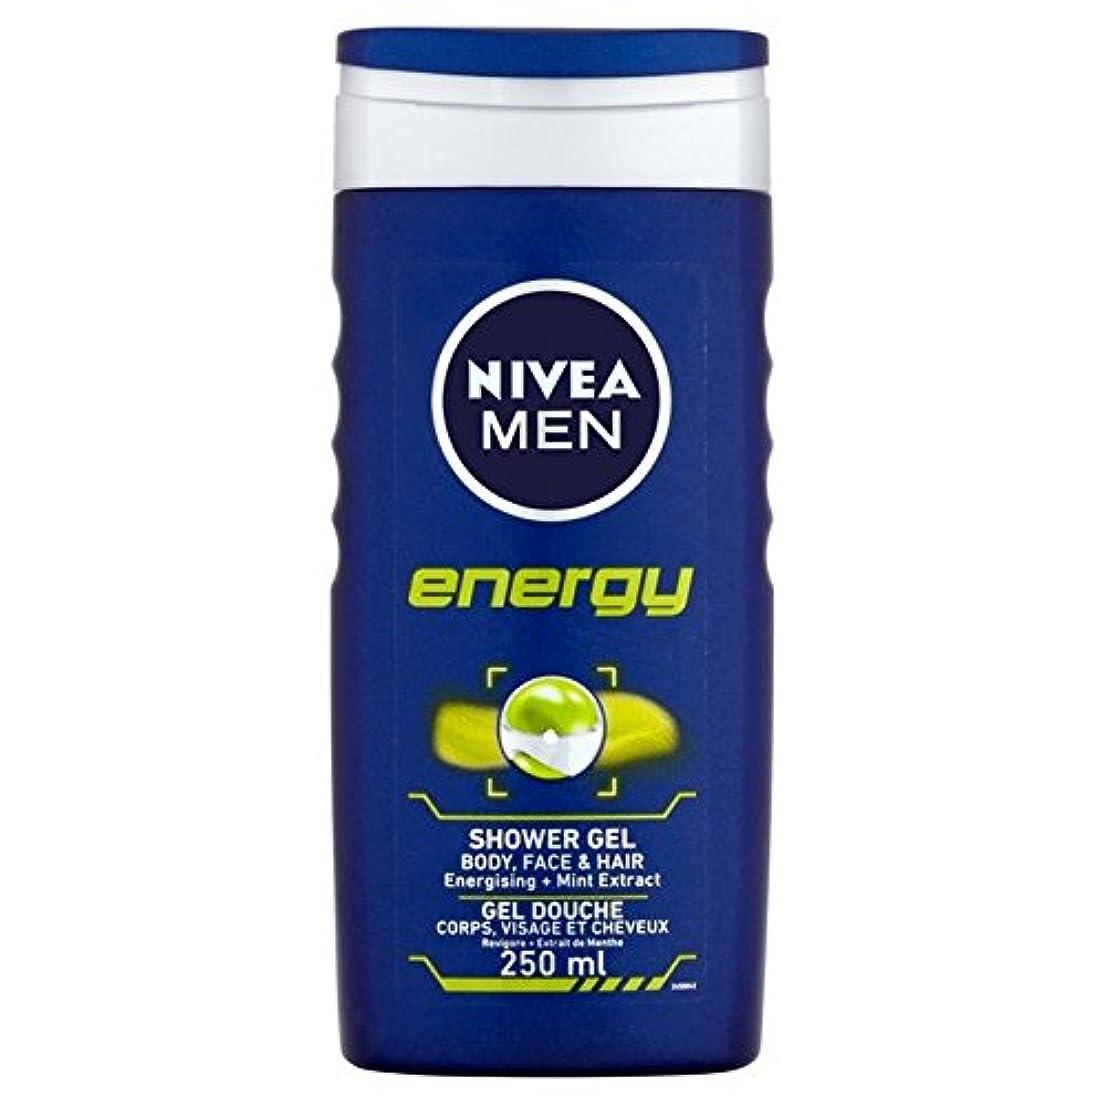 保証金フラッシュのように素早く歴史的Nivea Men Energy 2 in 1 Shower 250ml - 1つのシャワー250ミリリットル中ニベアの男性のエネルギー2 [並行輸入品]